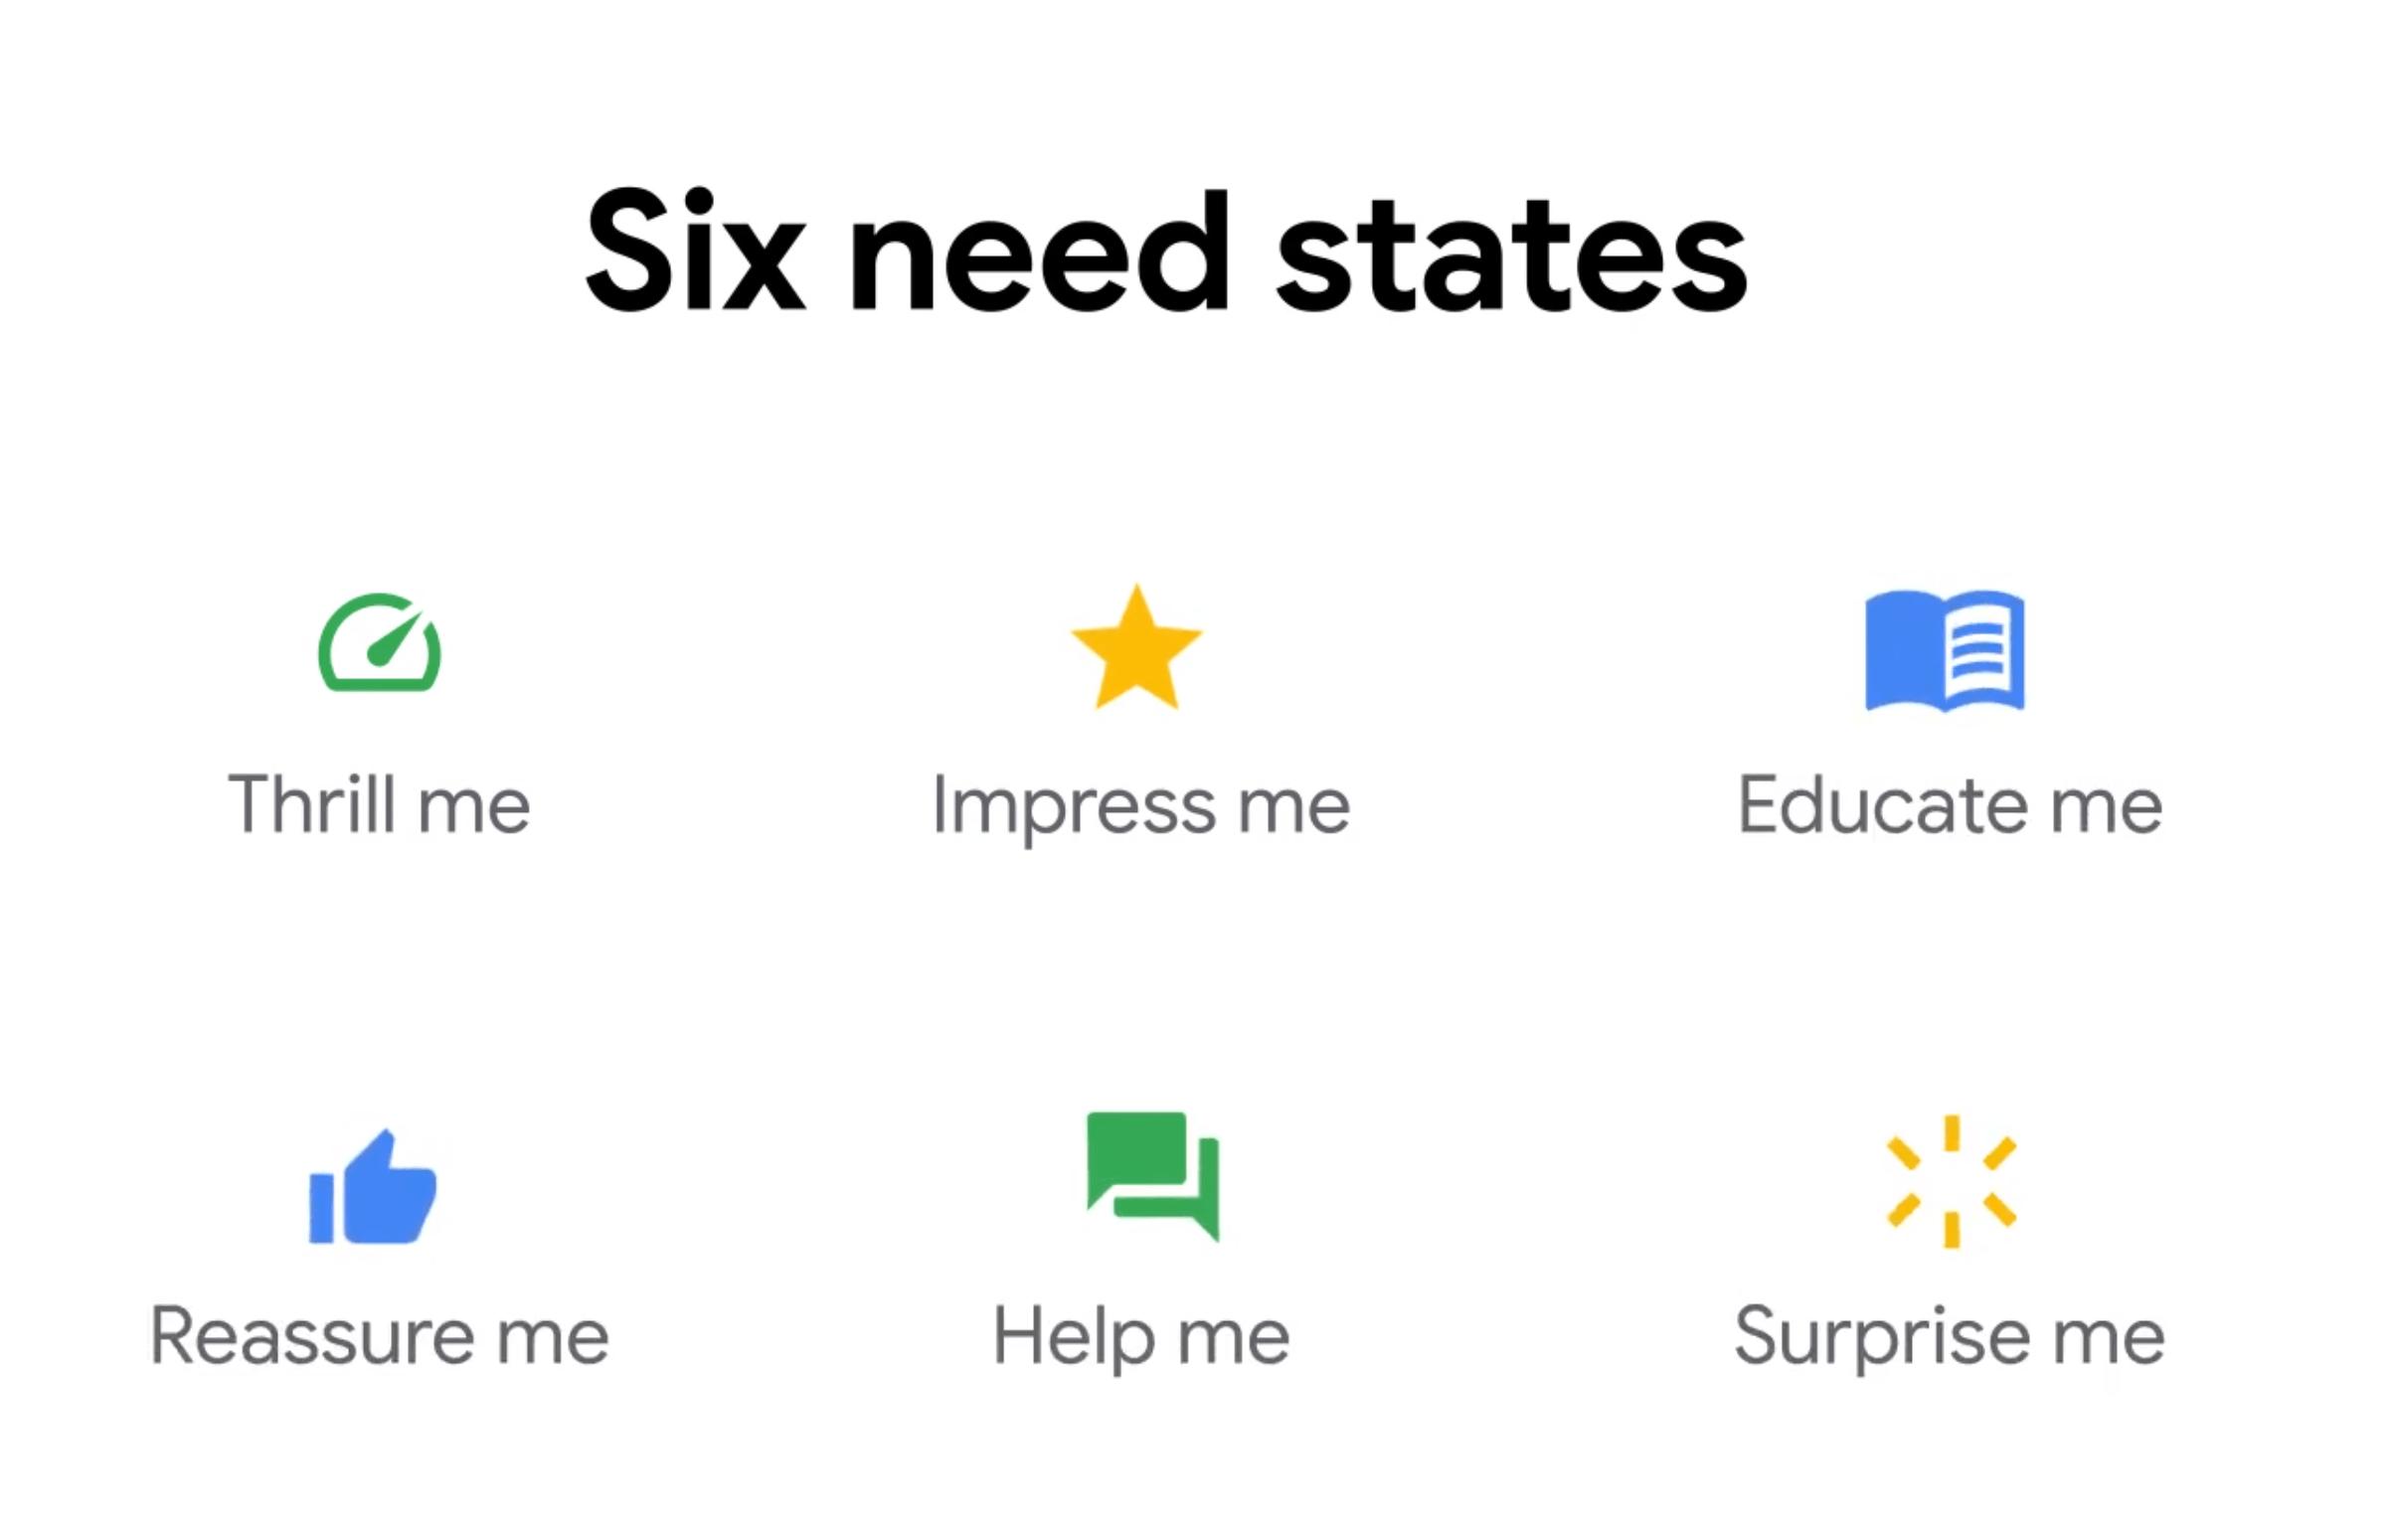 Suchintention nach Google